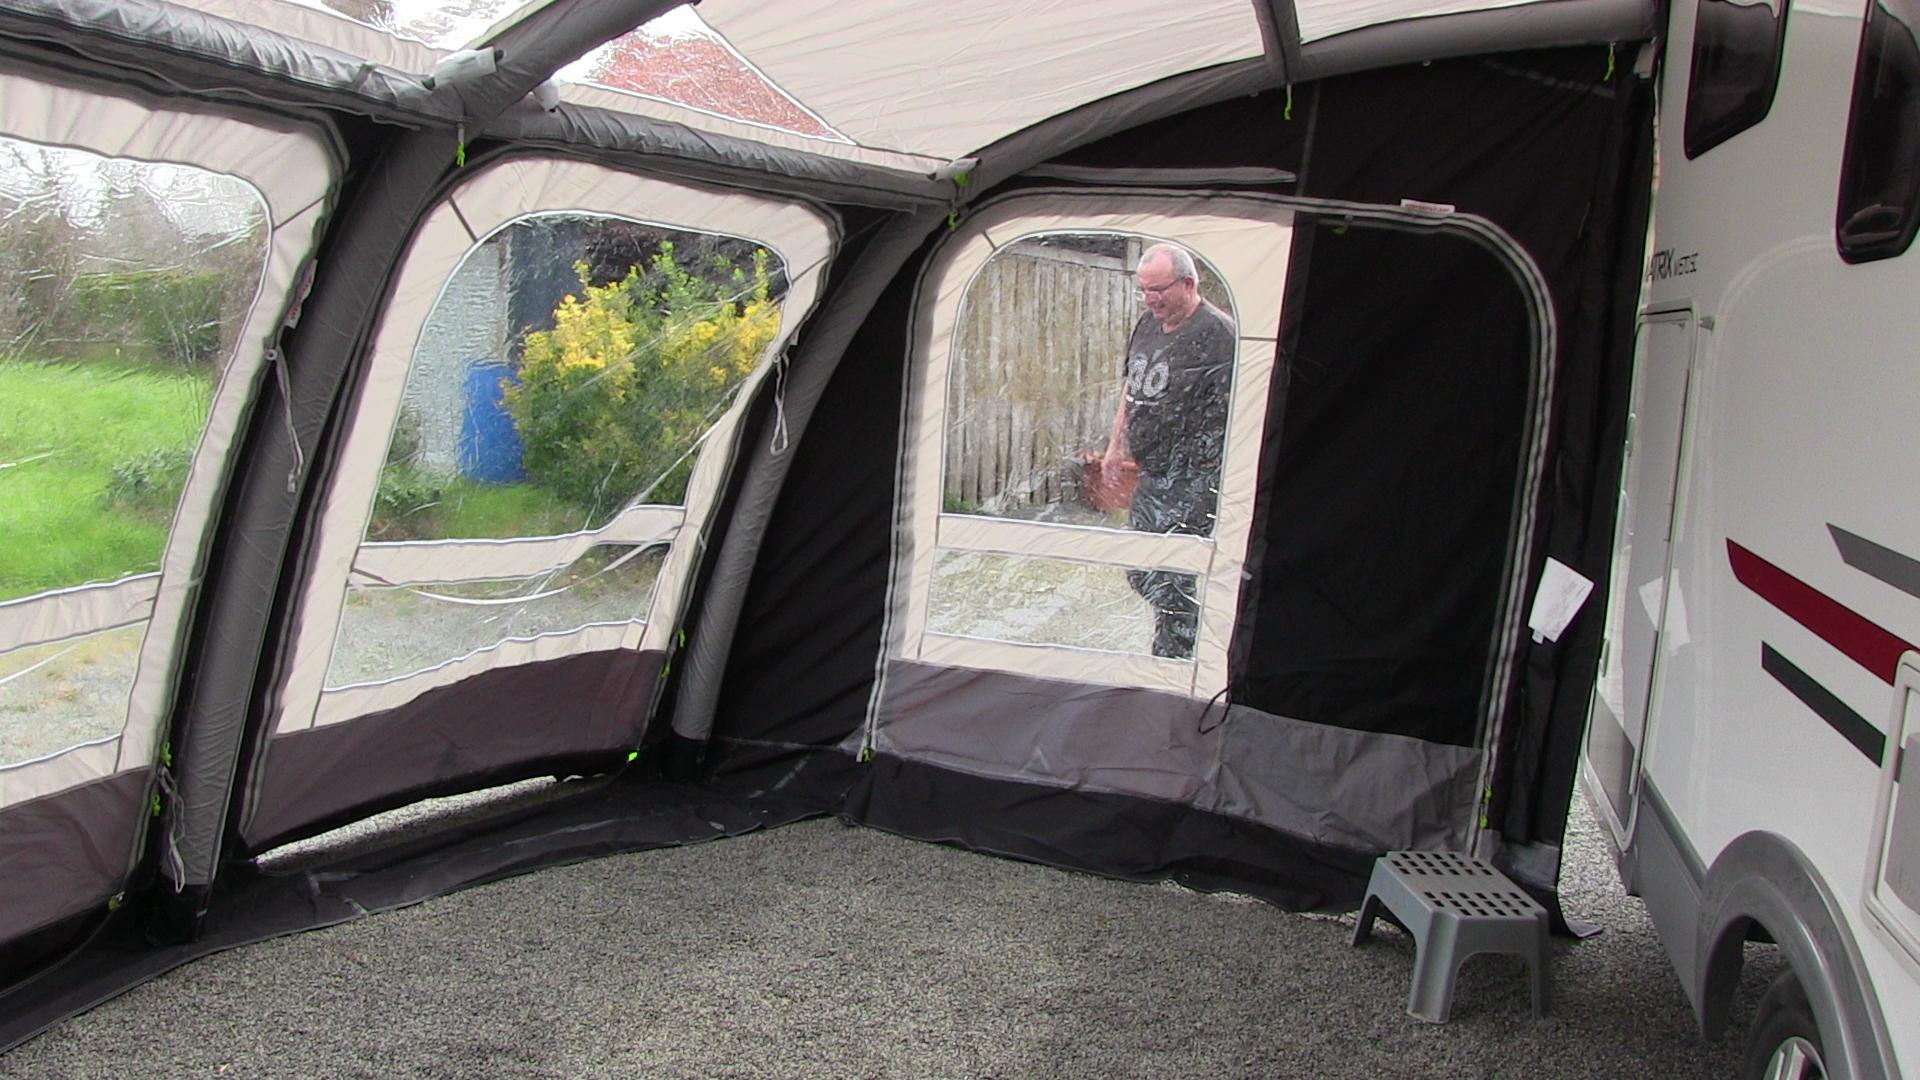 forum camping car par marque auvent auvent gonflable. Black Bedroom Furniture Sets. Home Design Ideas